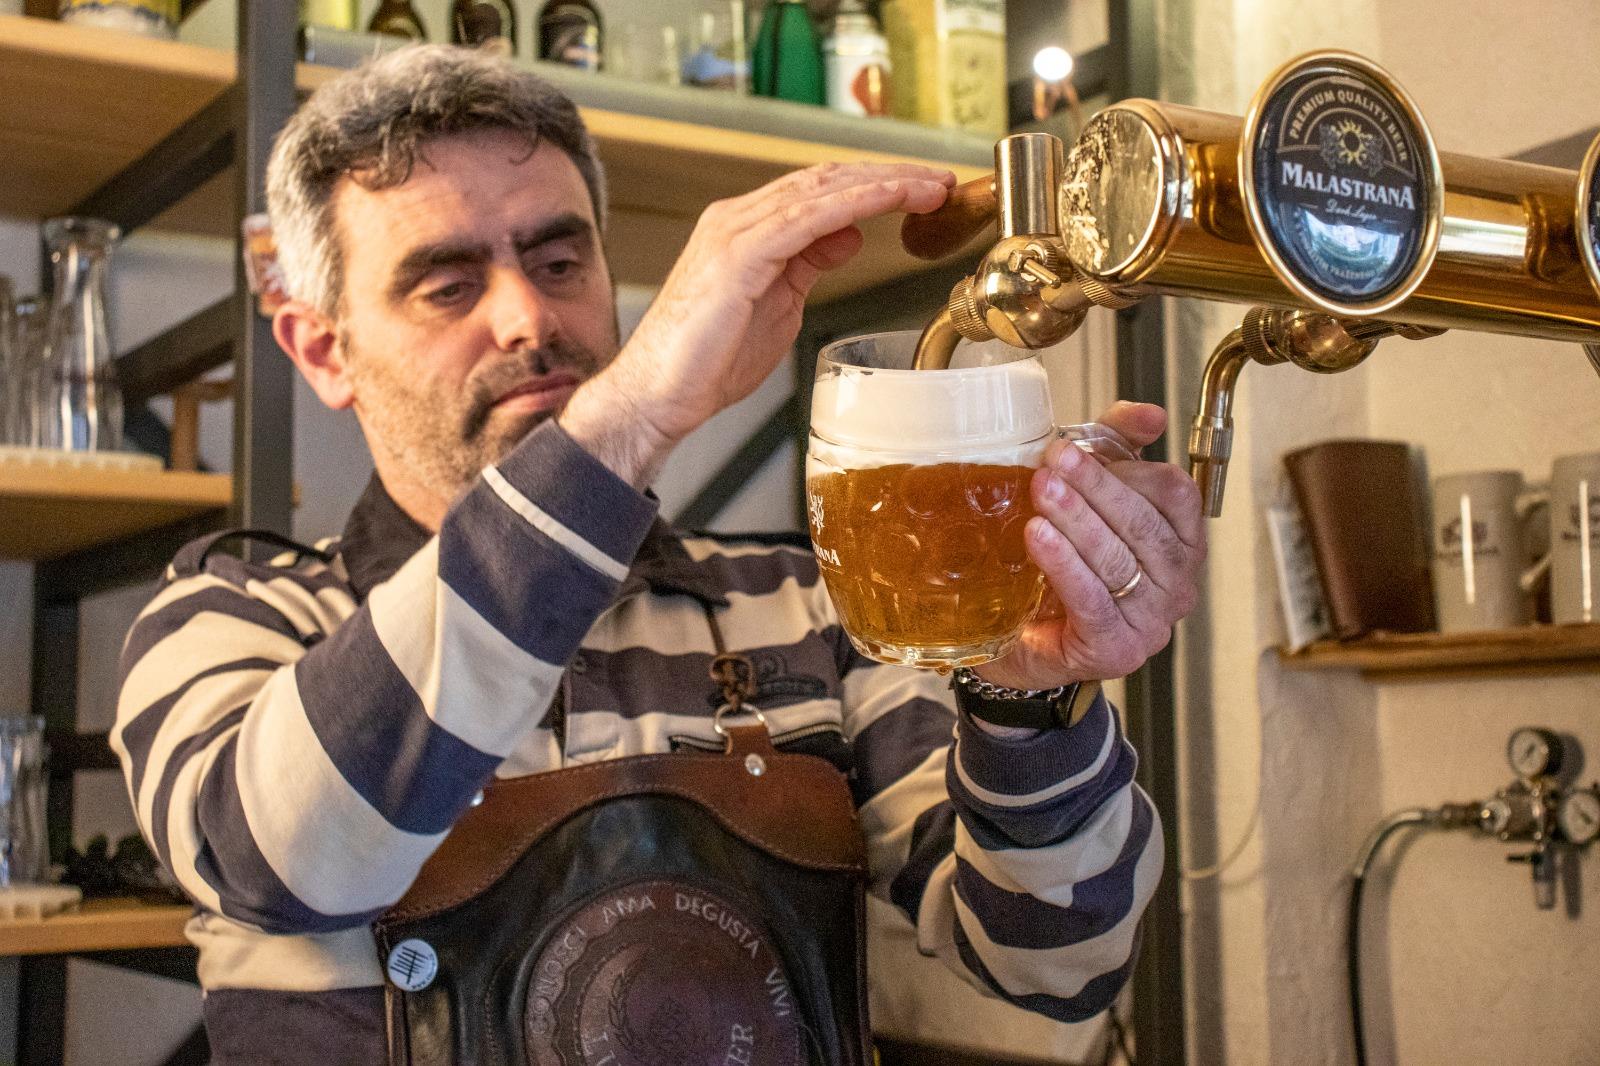 SORSI DI BOEMIA: Come viene spillata la birra ceca? Il parere di un campione di spillatura